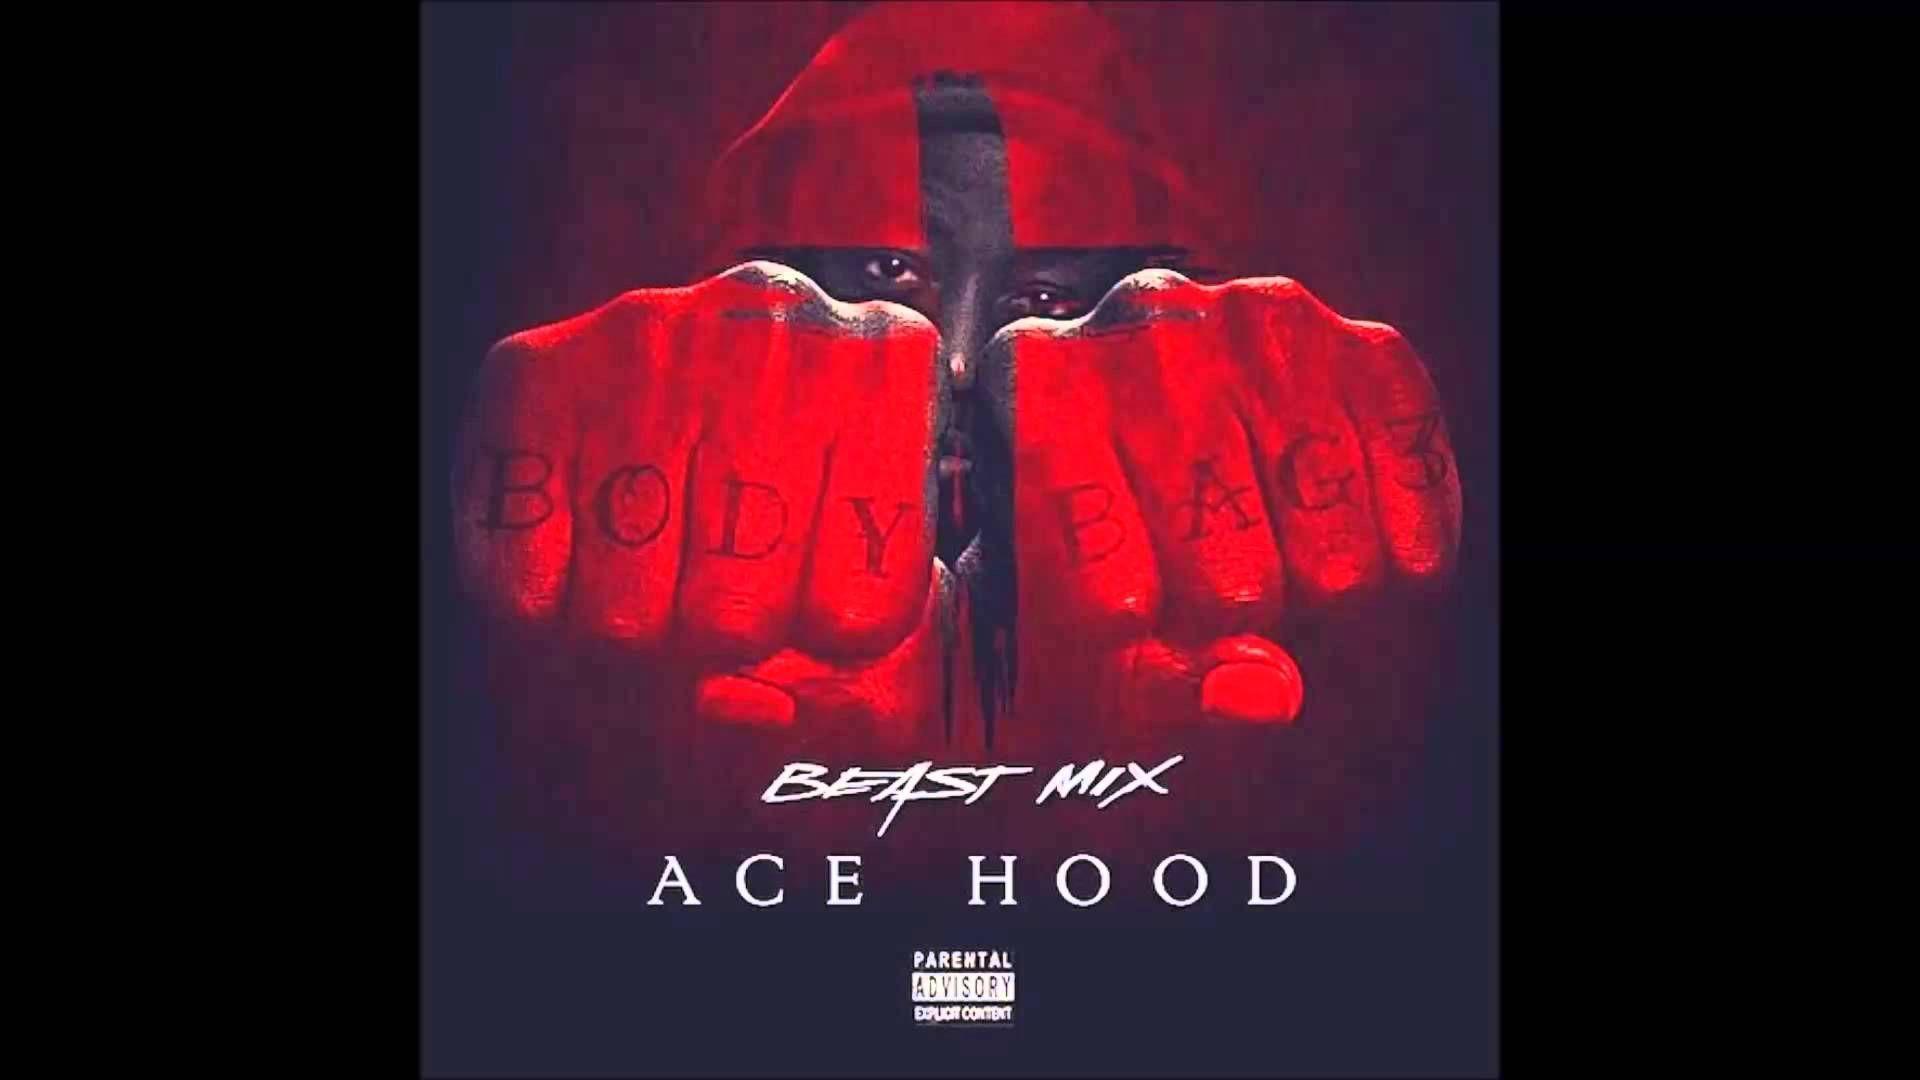 Ace Hood - Believe Me (Beast Mix) #acehood Ace Hood - Believe Me (Beast Mix) #acehood Ace Hood - Believe Me (Beast Mix) #acehood Ace Hood - Believe Me (Beast Mix) #acehood Ace Hood - Believe Me (Beast Mix) #acehood Ace Hood - Believe Me (Beast Mix) #acehood Ace Hood - Believe Me (Beast Mix) #acehood Ace Hood - Believe Me (Beast Mix) #acehood Ace Hood - Believe Me (Beast Mix) #acehood Ace Hood - Believe Me (Beast Mix) #acehood Ace Hood - Believe Me (Beast Mix) #acehood Ace Hood - Believe Me (Beas #acehood